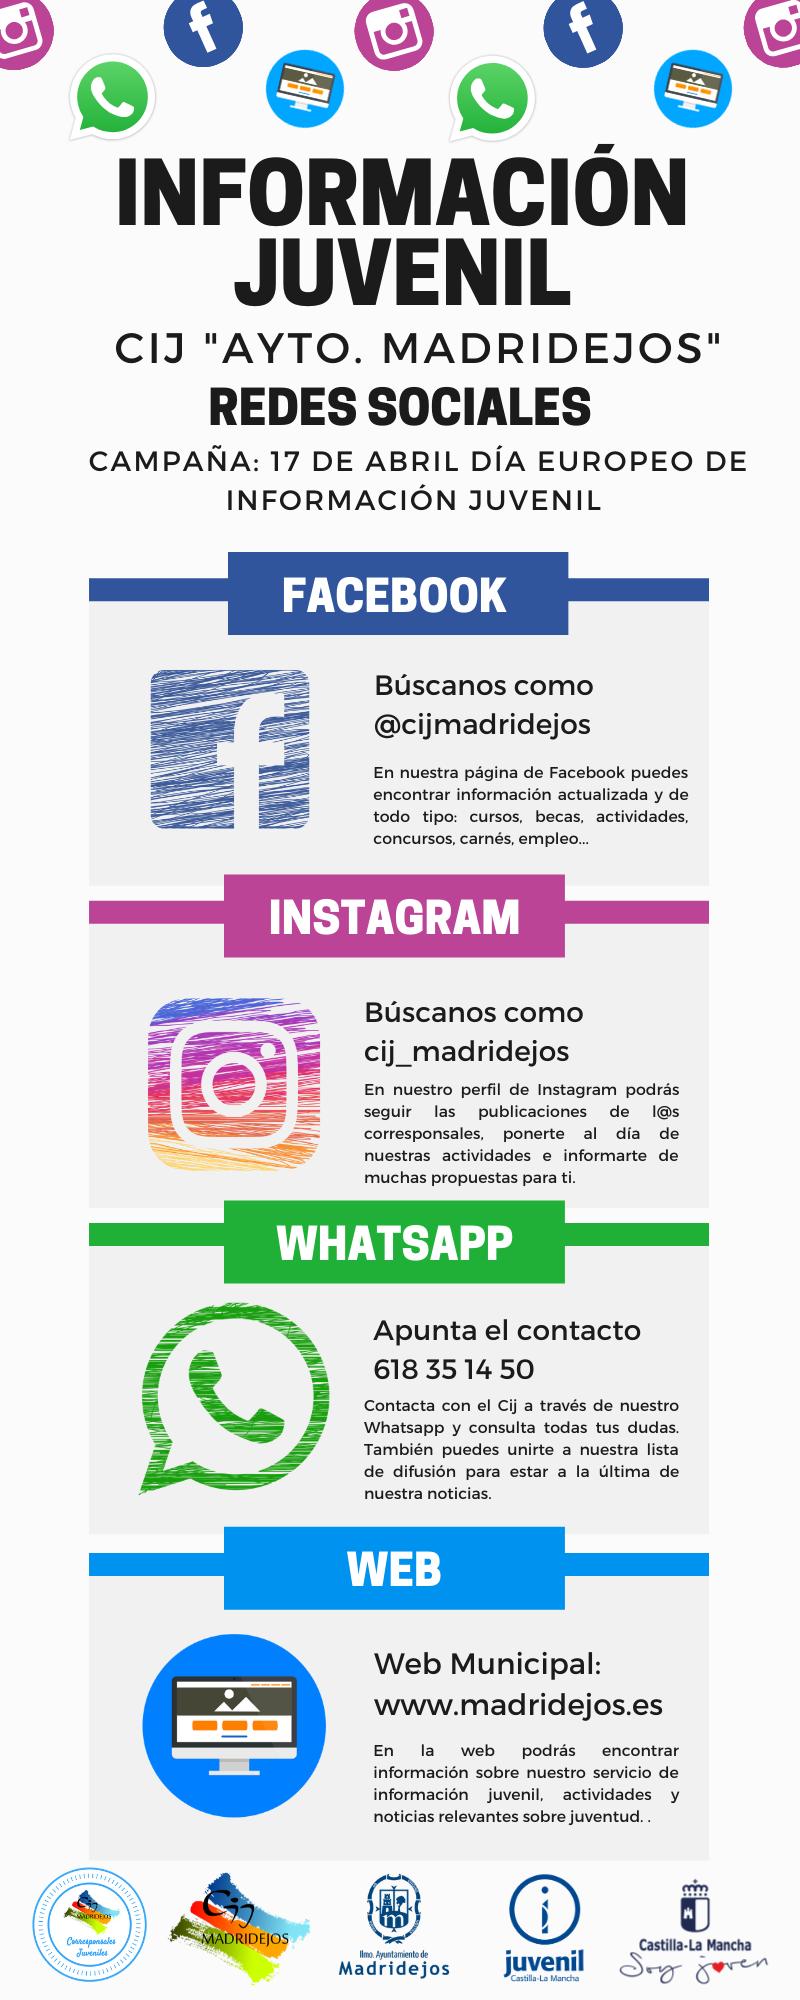 informacion juvenil redes sociales